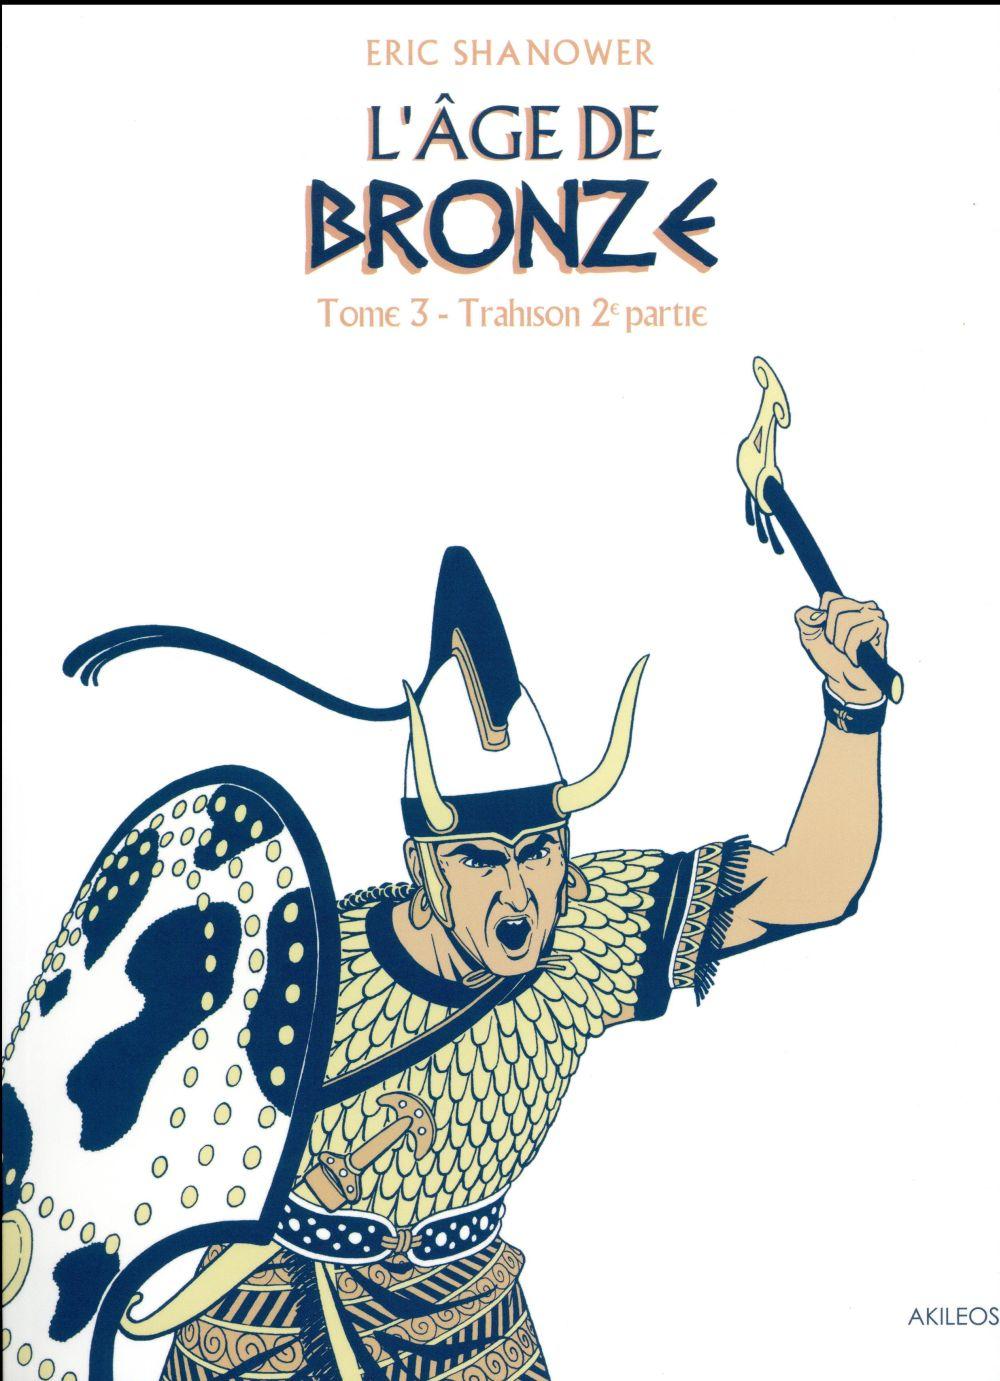 L'AGE DE BRONZE - TOME 3 TRAHISON (2EME PARTIE)